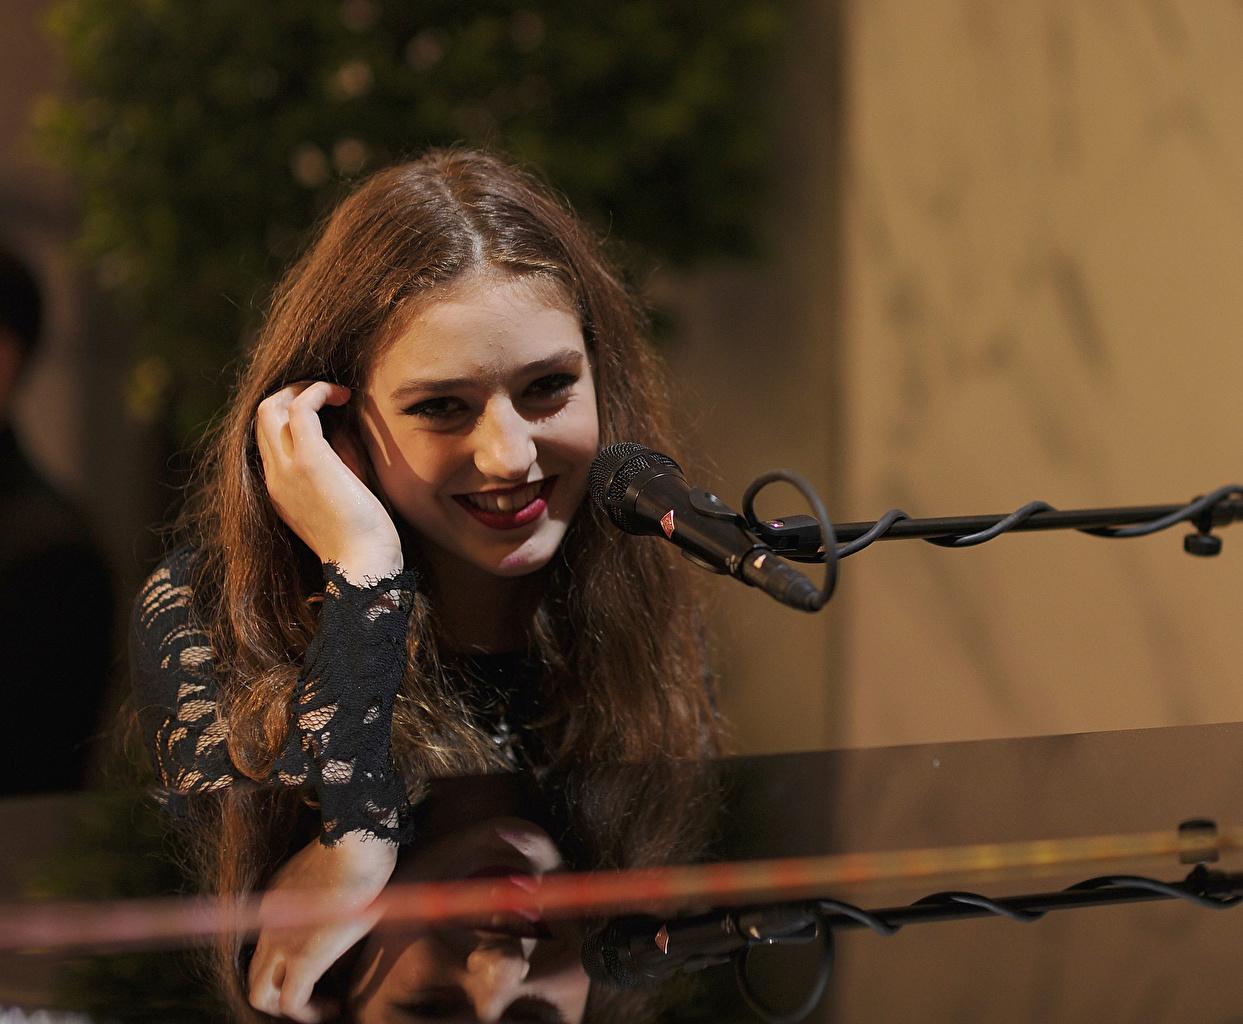 Immagine Sorriso Microfono Birdy Jasmine van den Bogaerde Musica Capelli Ragazze Celebrità ragazza Capigliatura giovane donna giovani donne